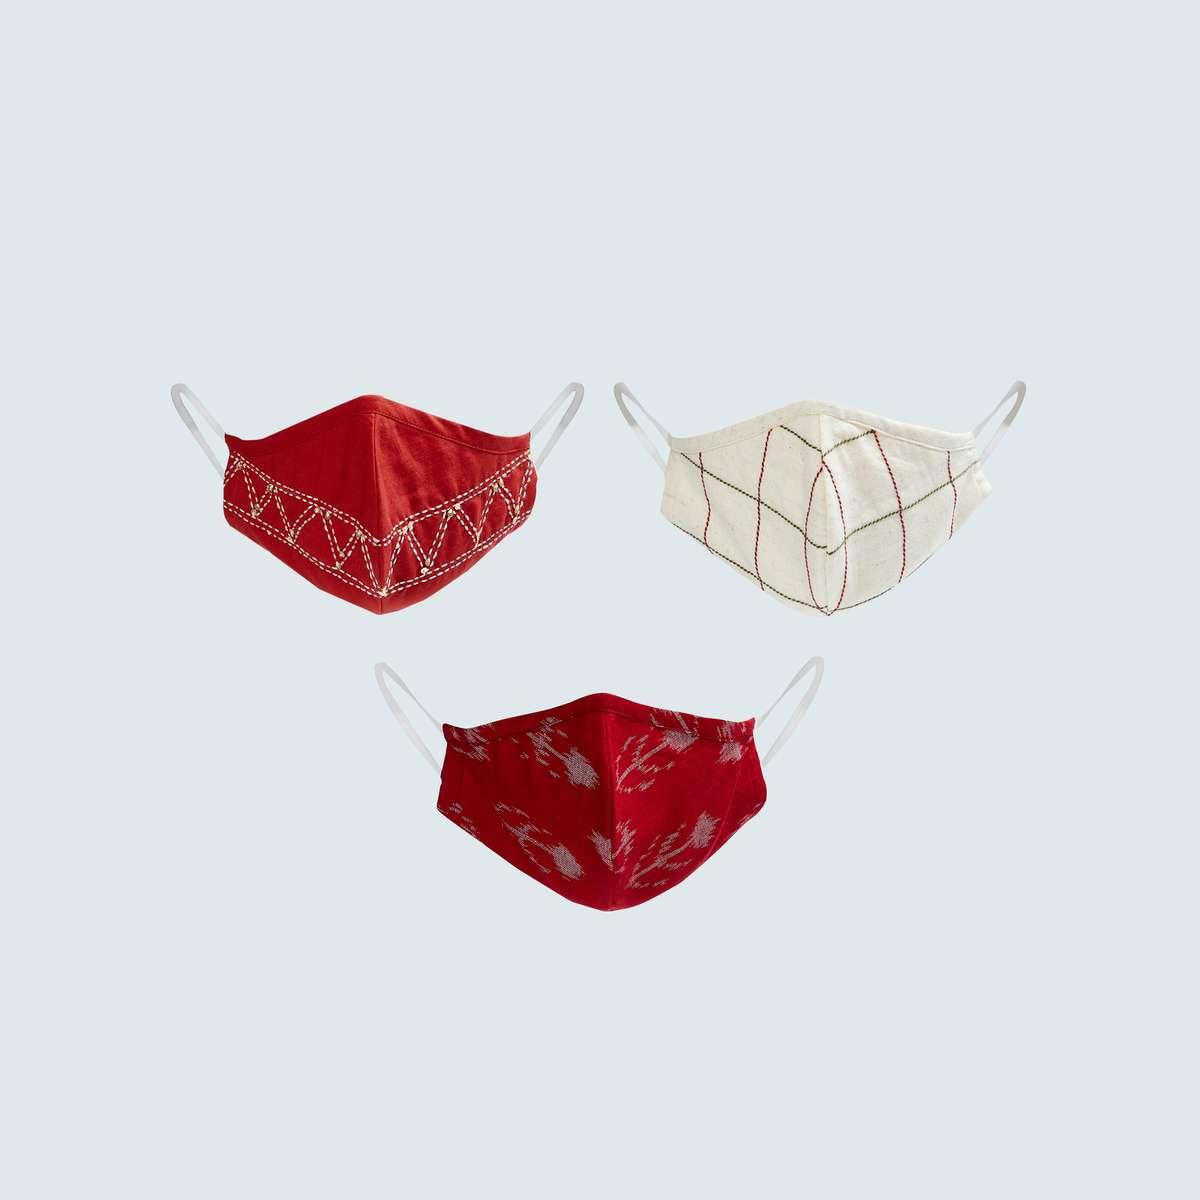 4.MELANGE Women Embellished Reusable Masks - Pack of 2 Pcs.